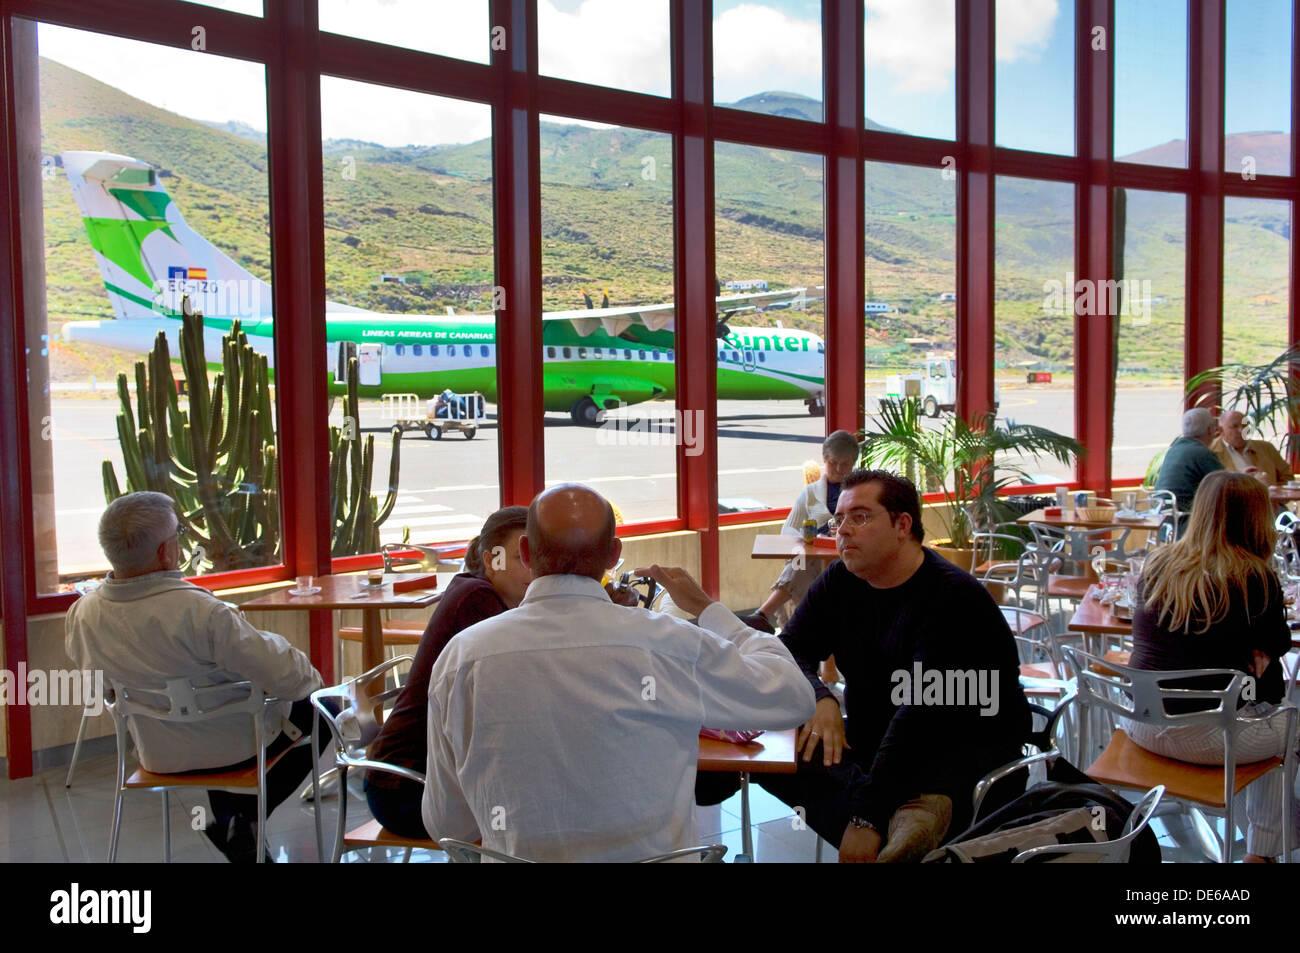 Aeropuerto de Los Cangrejos, El Hierro, Canary Islands, Spain. Airplane of Binter Canarias, the Canaries airline, Stock Photo